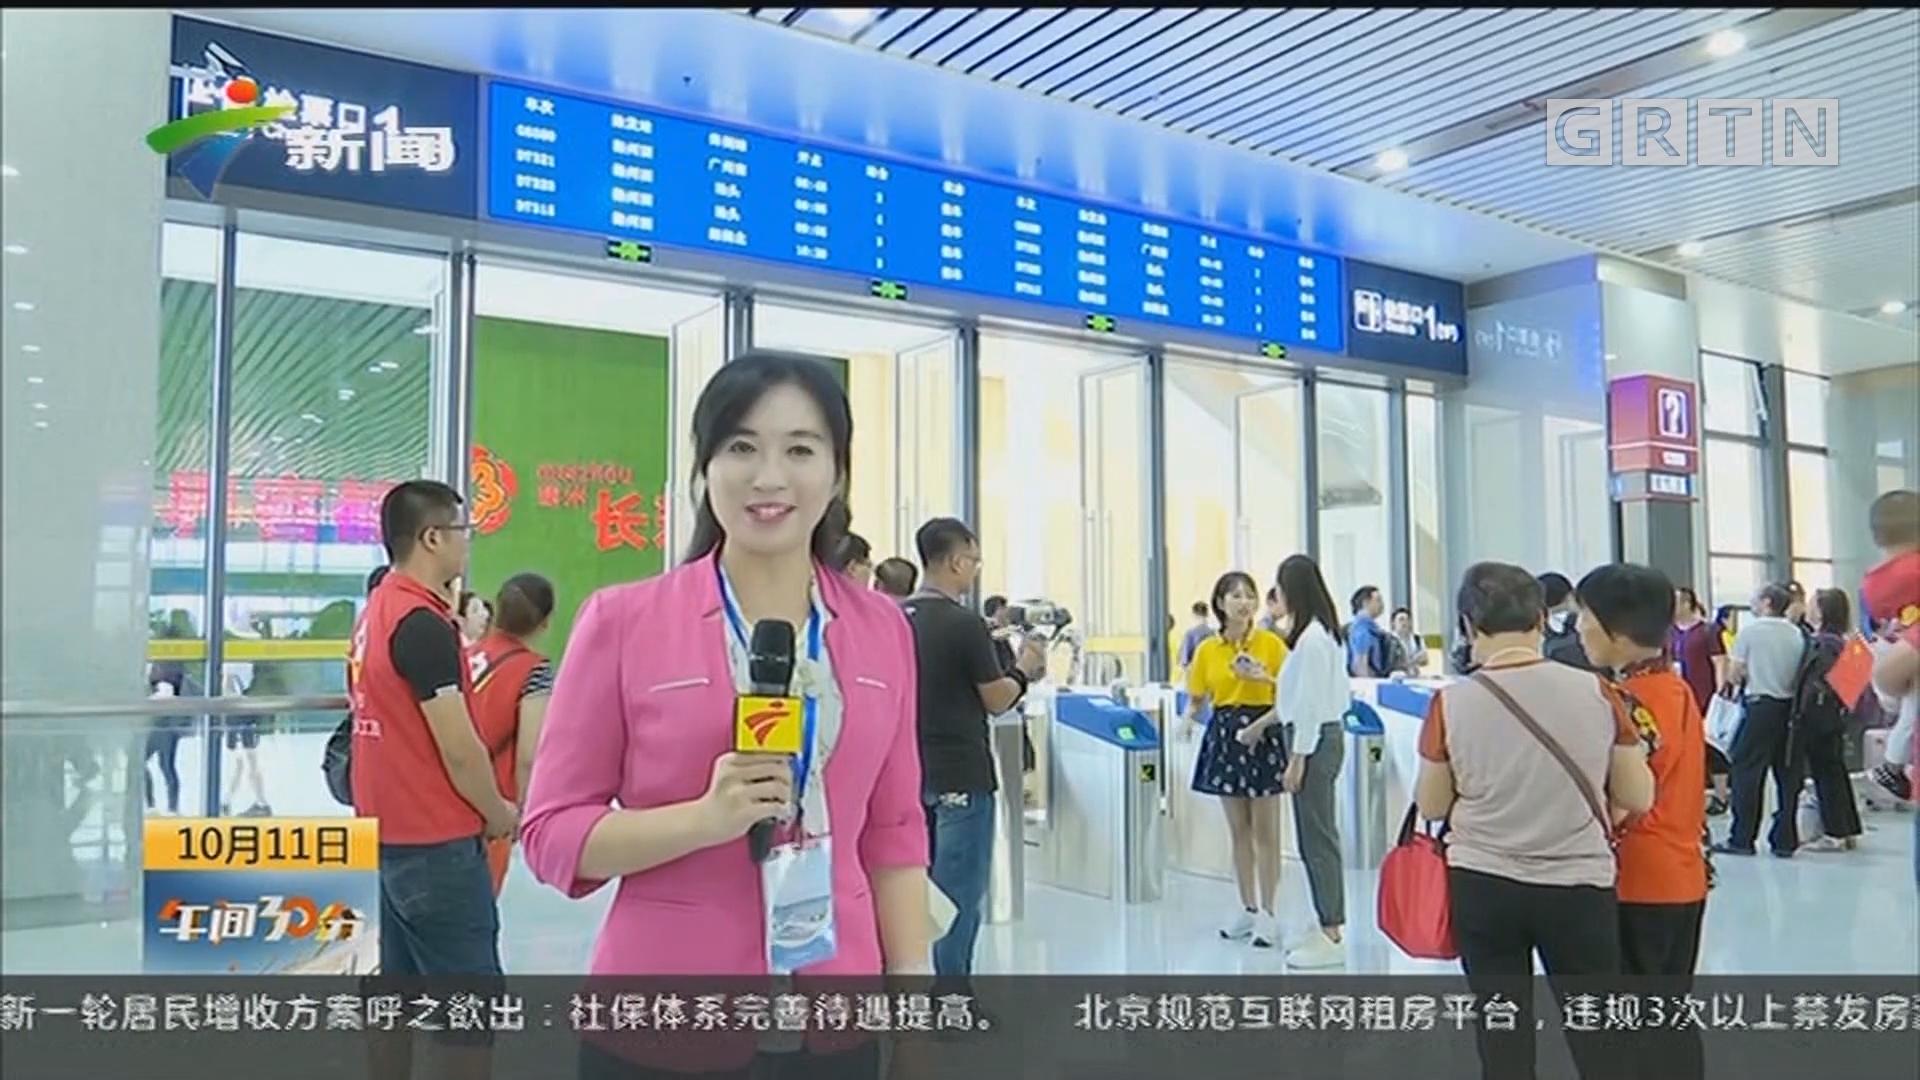 梅汕铁路沿线7个车站试点实施电子客票